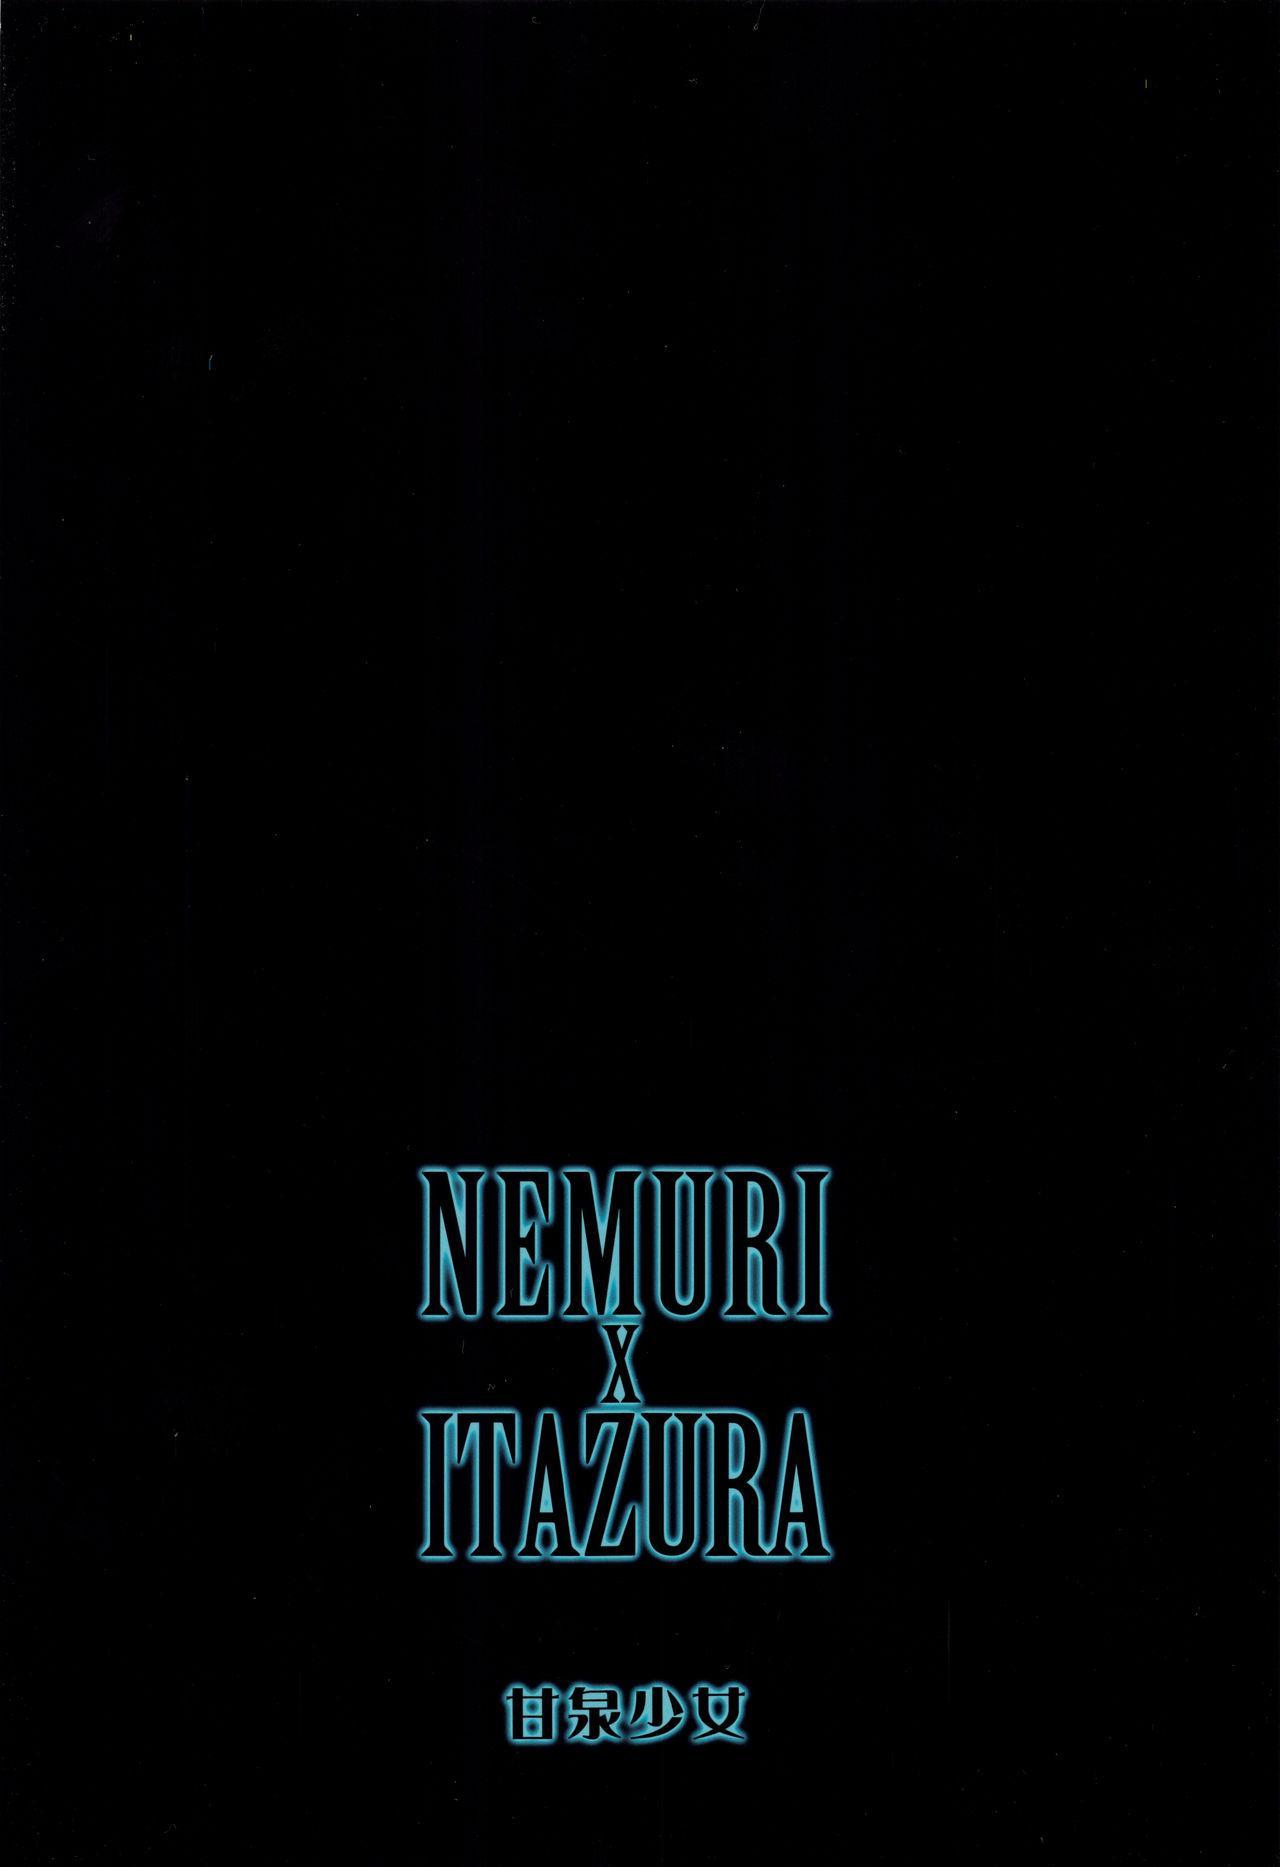 NEMURI x ITAZURA 29